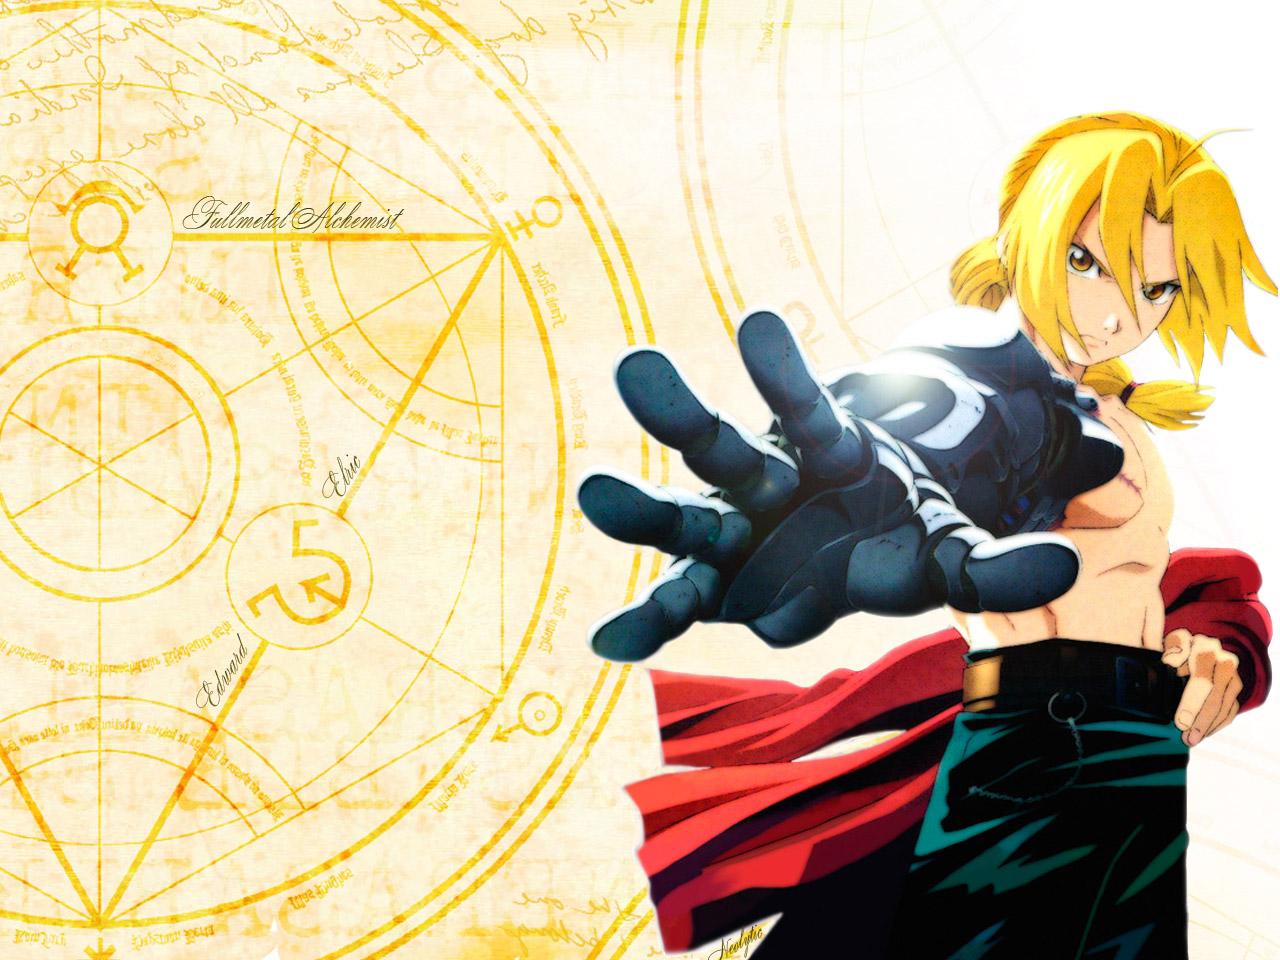 Wallpaper Fullmetal Alchemist Hd: Manga And Anime Wallpapers: Fullmetal Alchemist HD Wallpaper